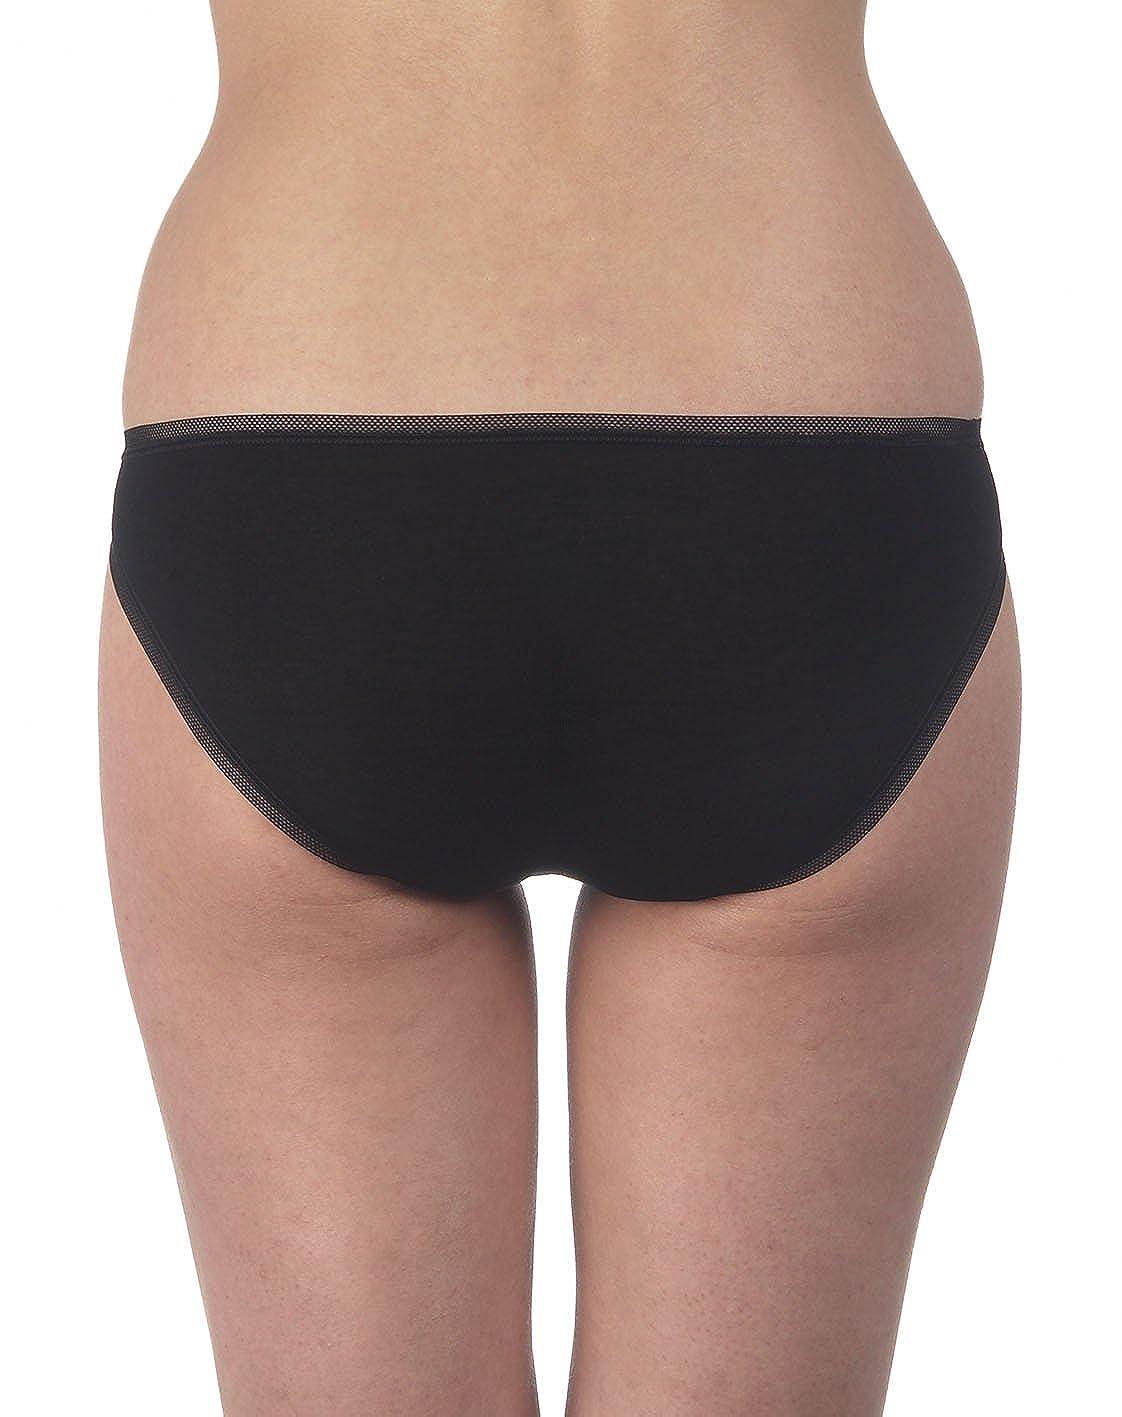 a628e864ad OSCALITO donna art. 301 Slip 100% Cotone Filo Scozia/Liscio: Amazon.it:  Abbigliamento